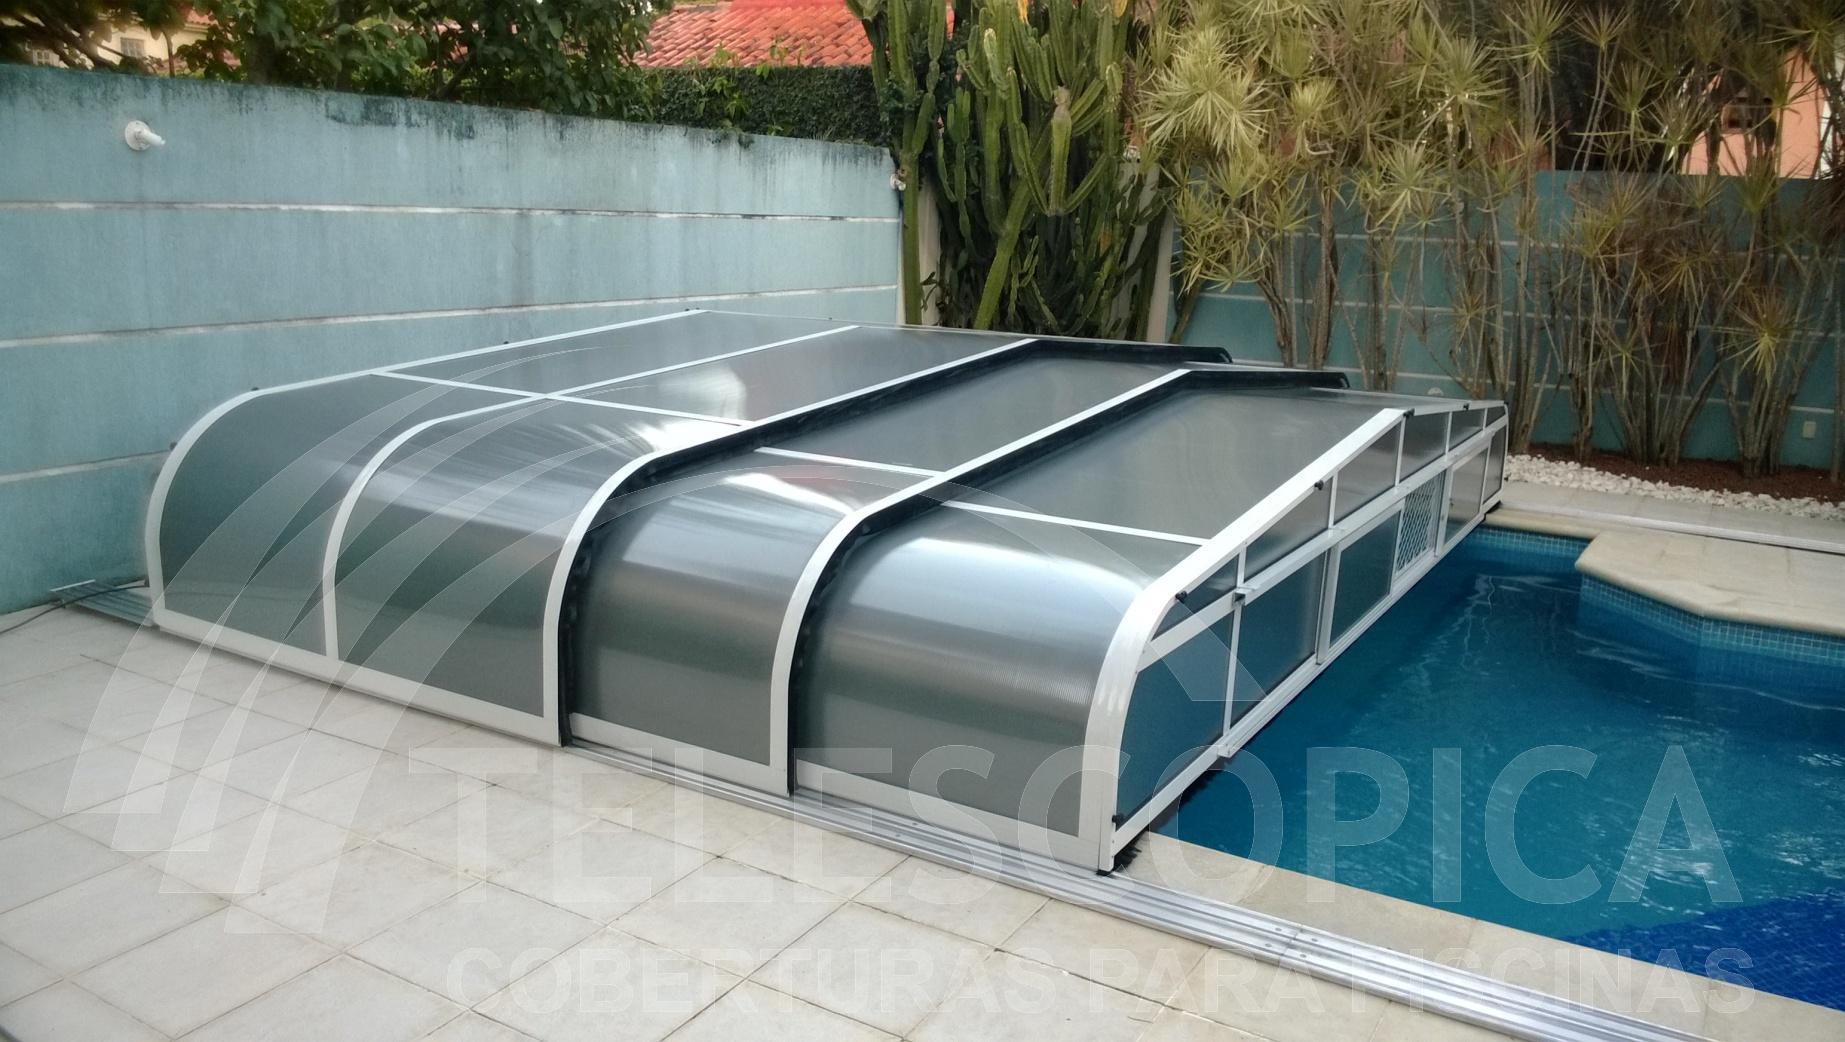 Cobertura piscina for Cobertura piscina